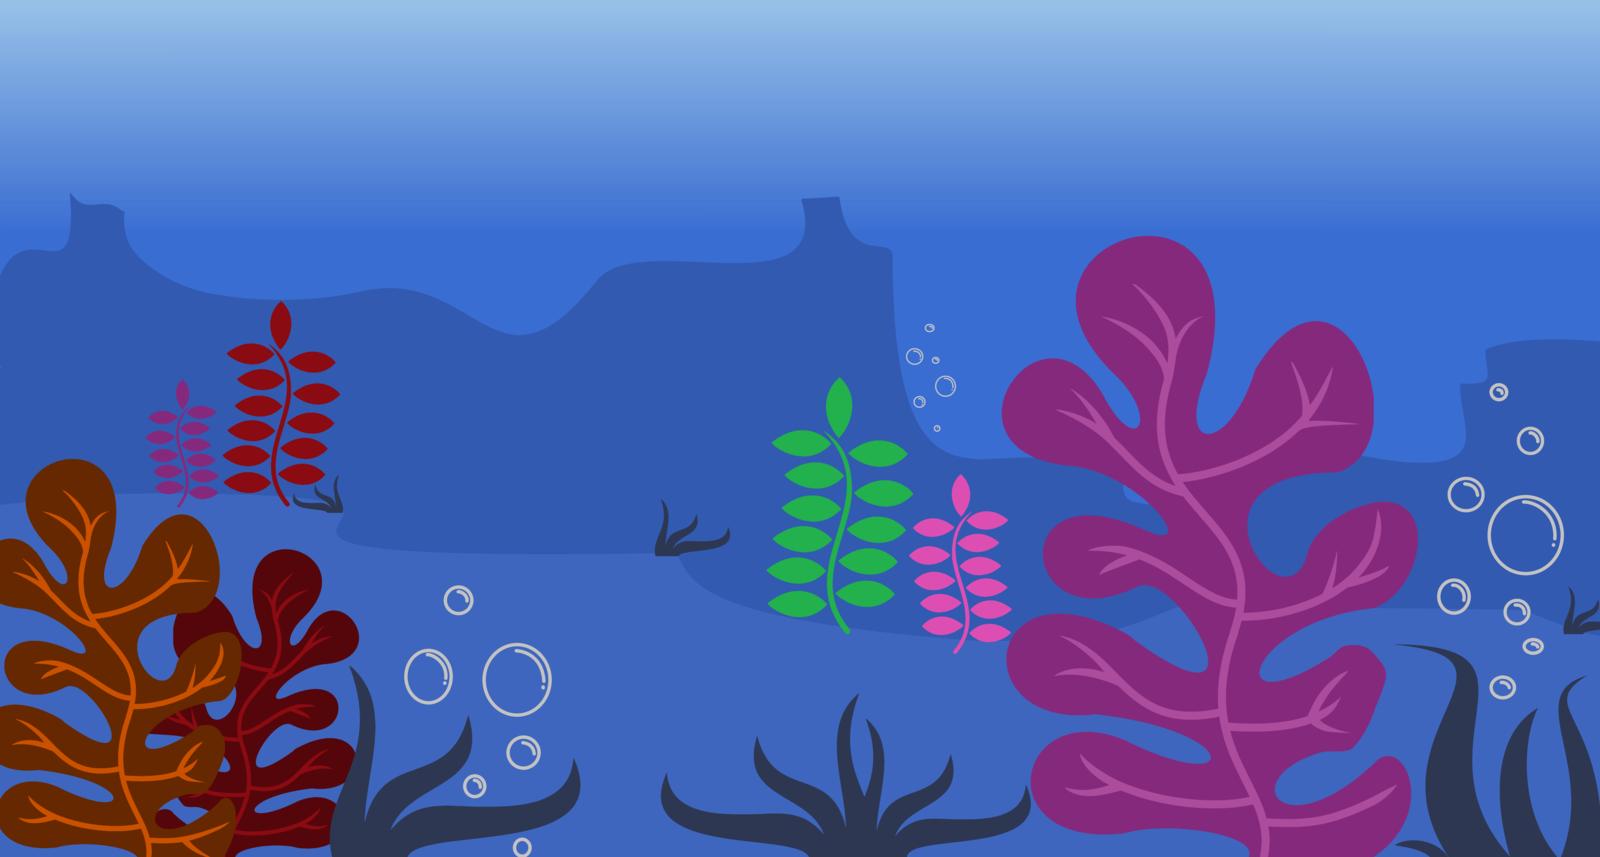 Ocean Floor Background By Evilfrenzy On -Ocean Floor Background By Evilfrenzy On Deviantart-14